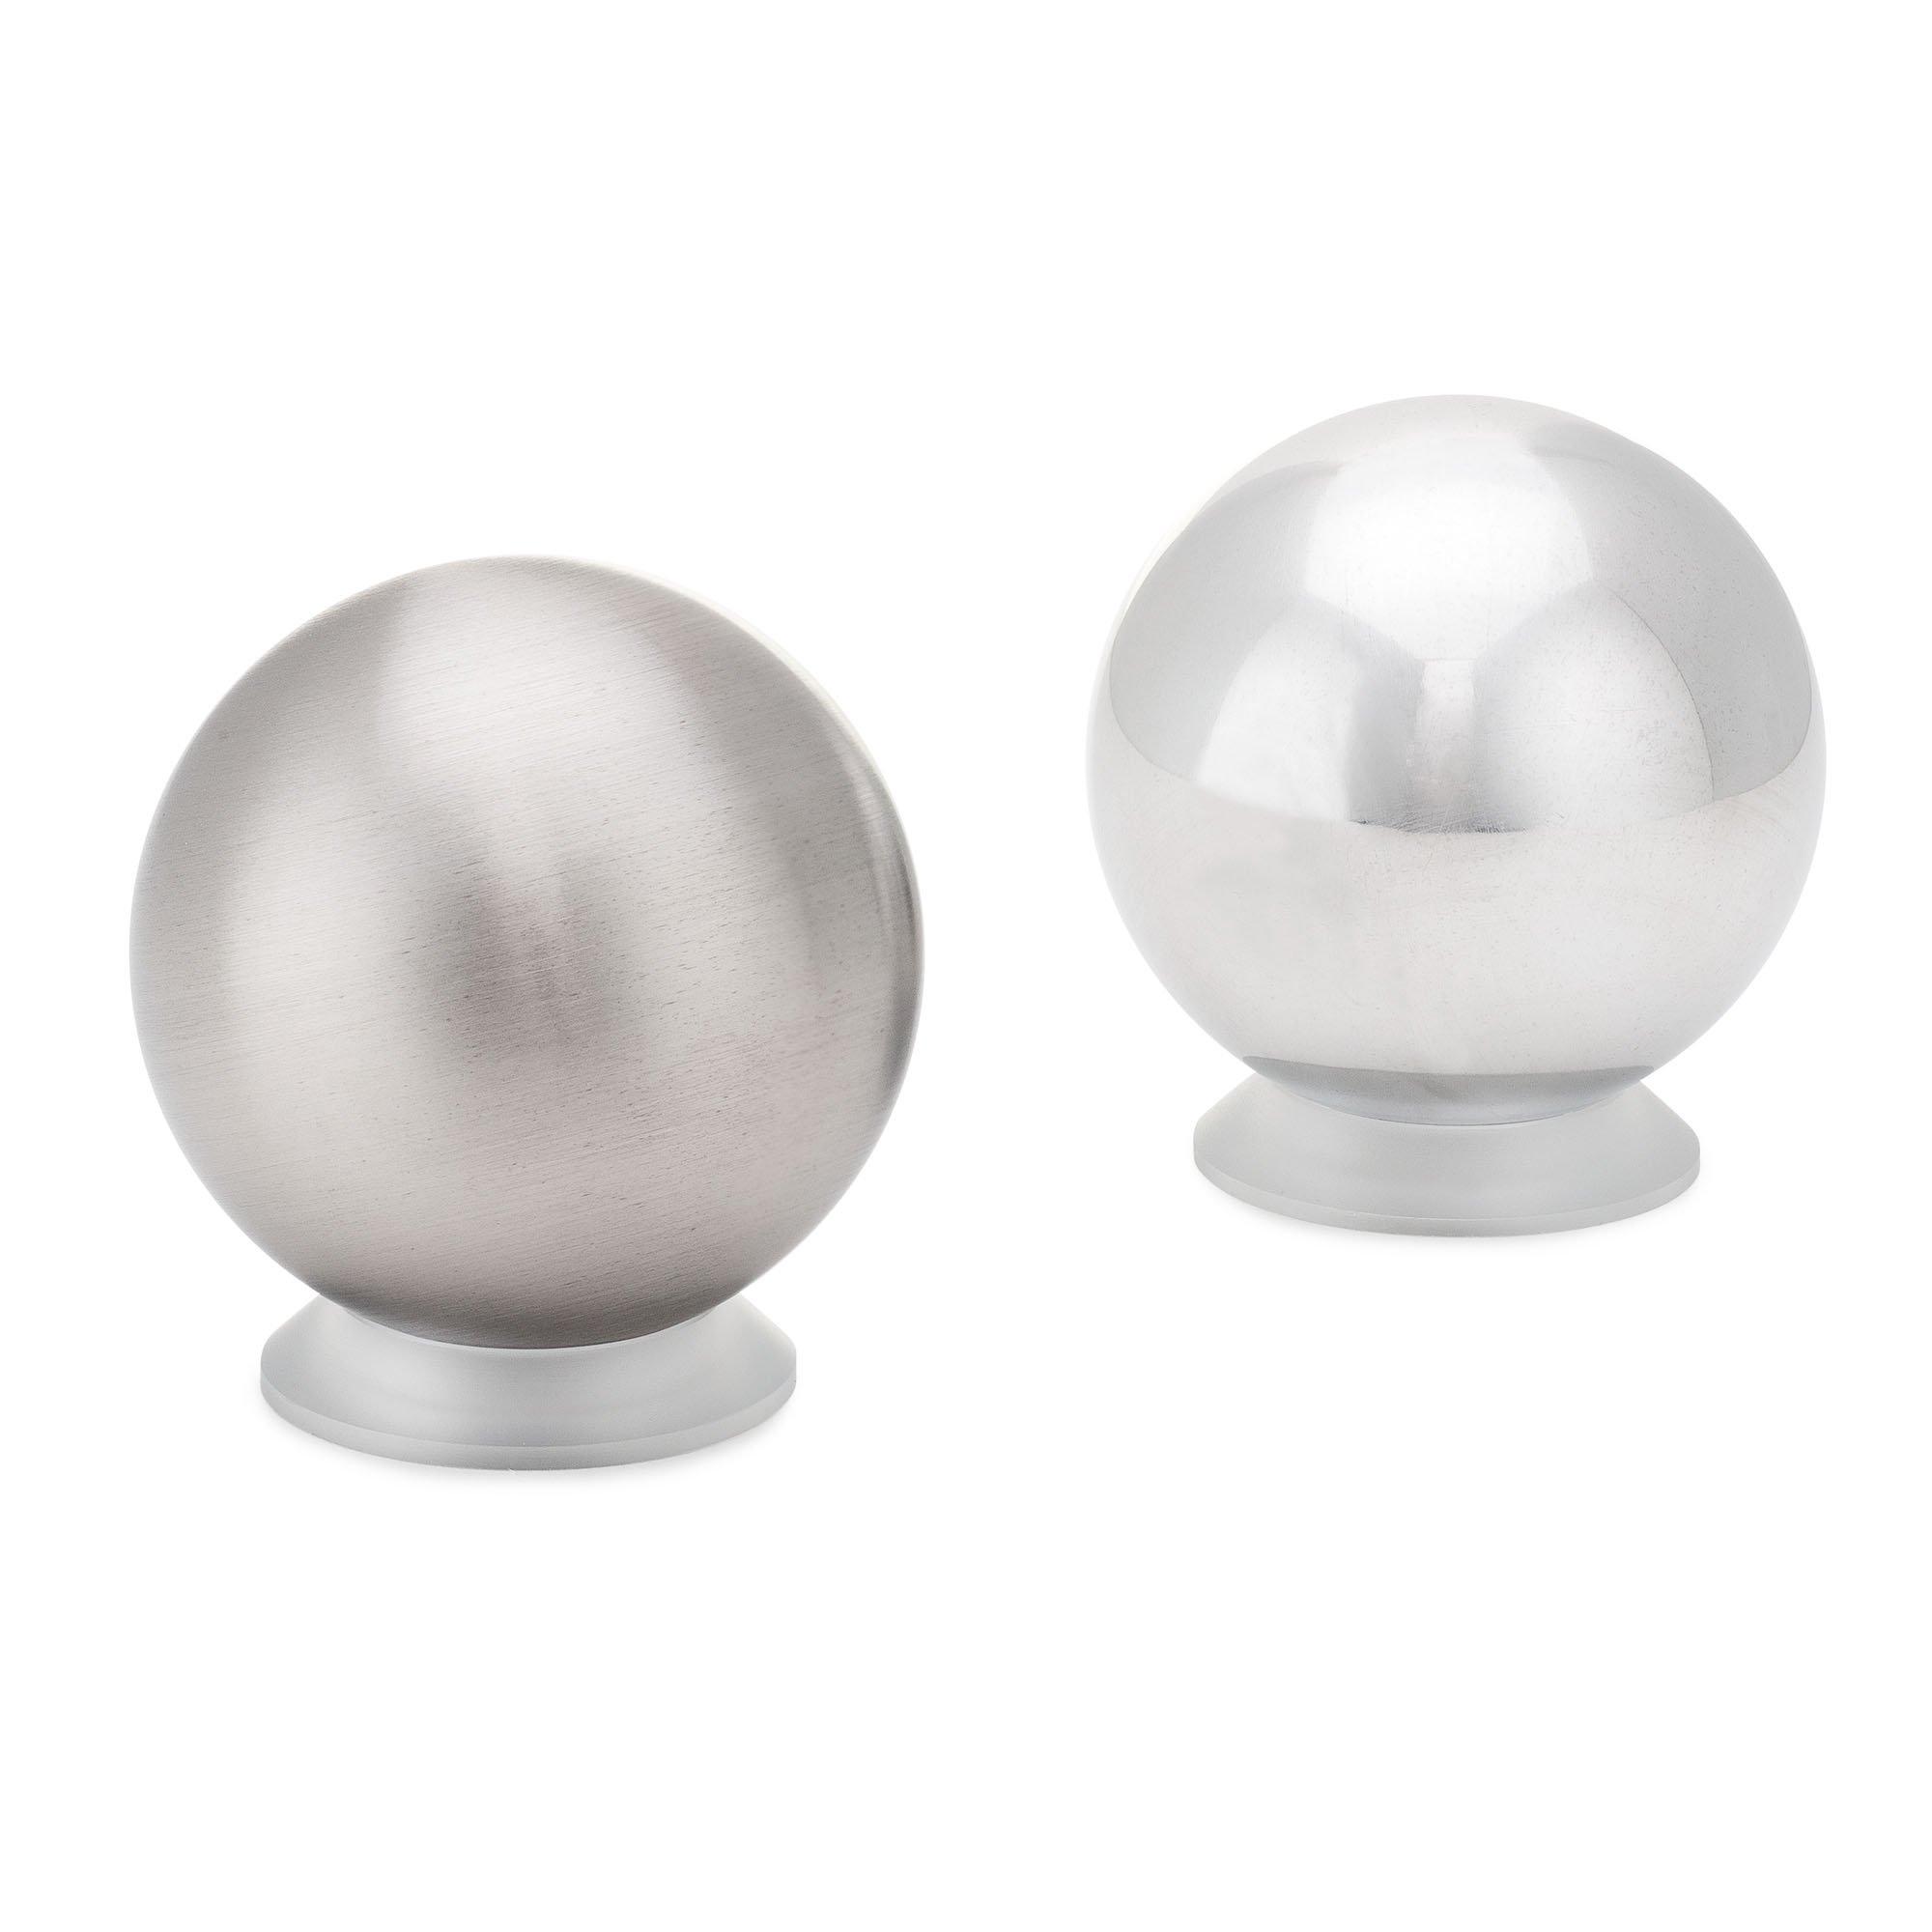 Tungsten & Aluminum Sphere Set - 2.175'' Diameter